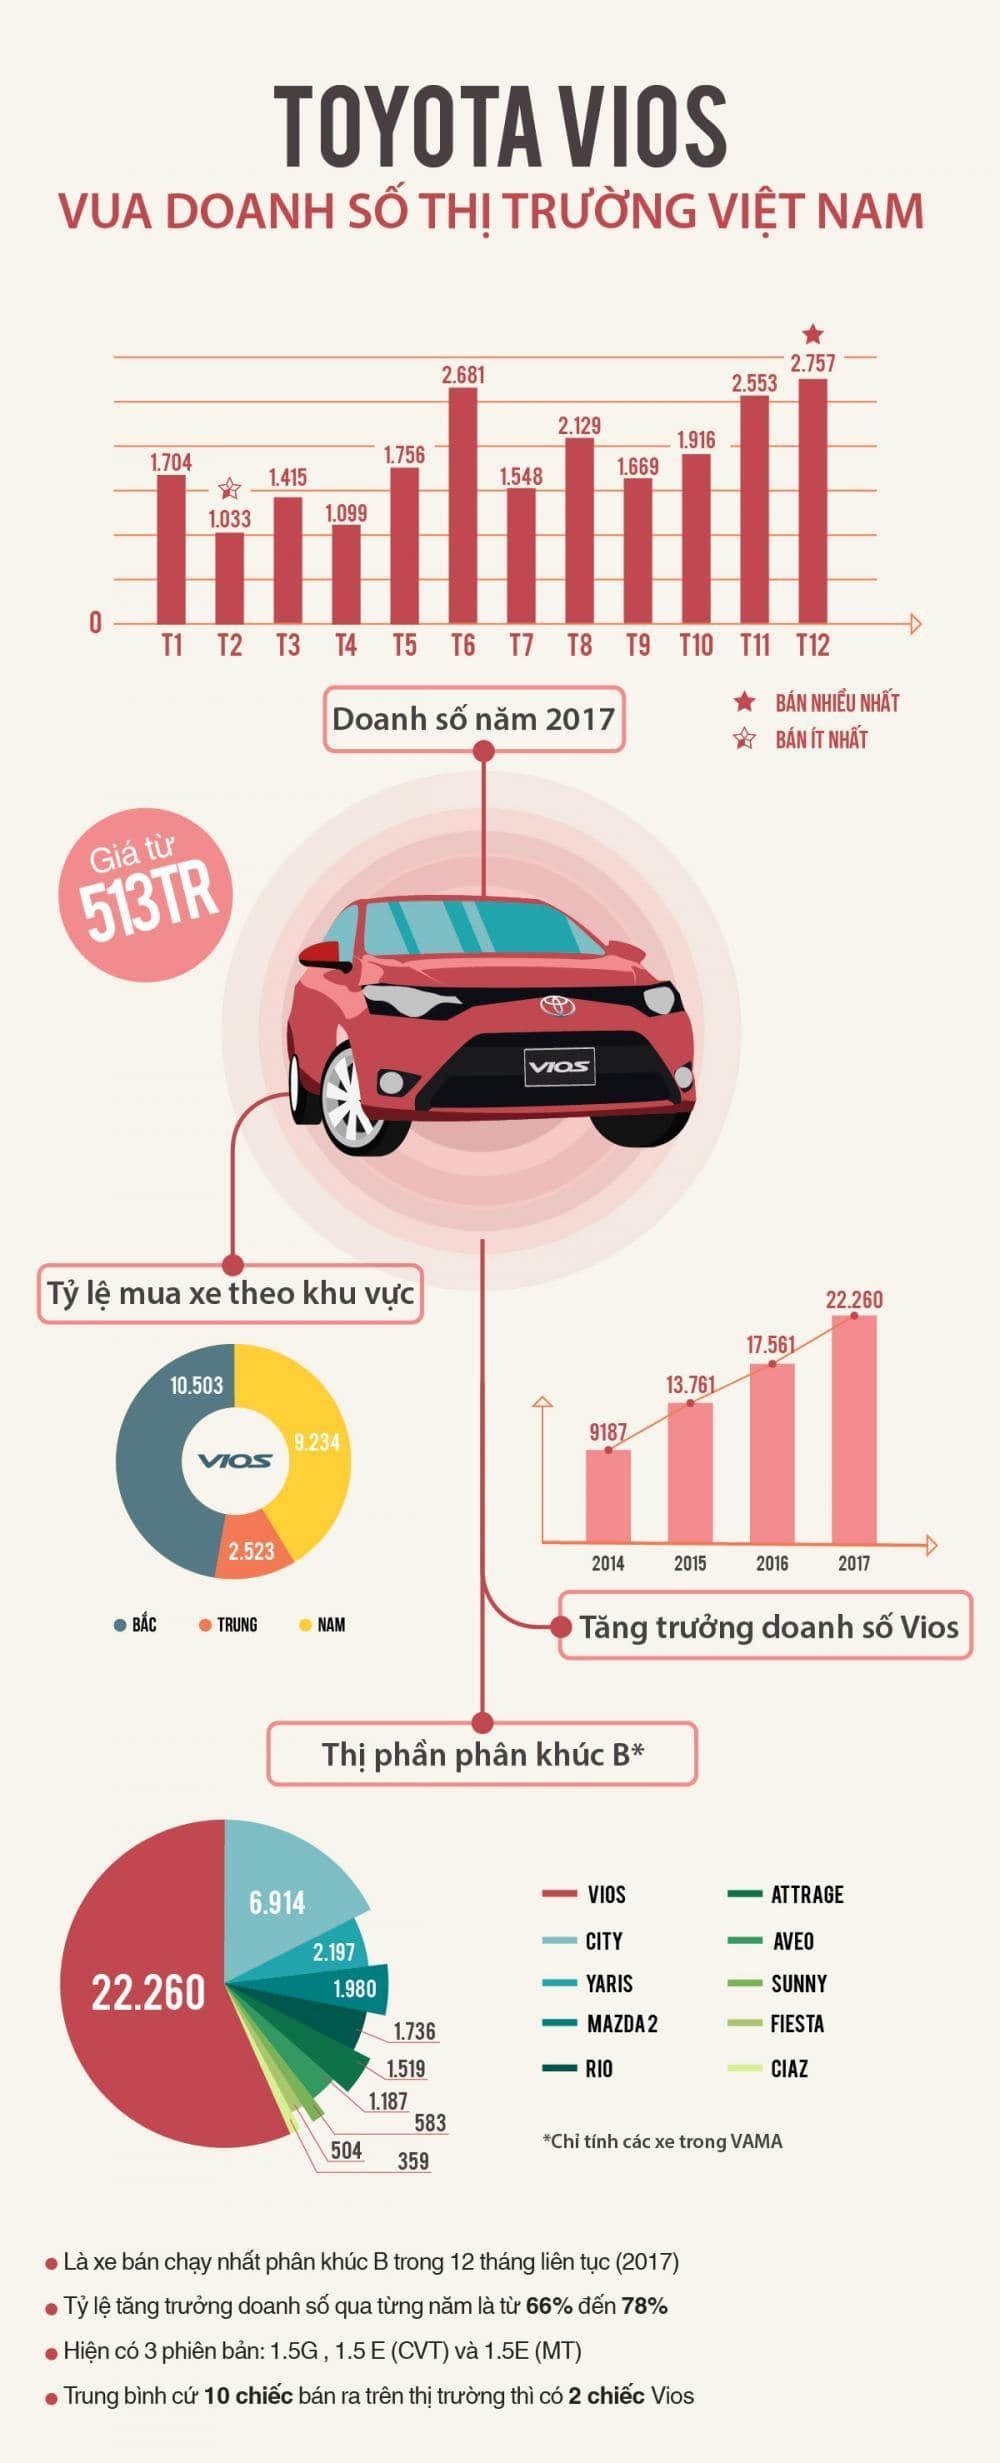 Toyota Vios đã thành công như thế nào trong năm 2017?